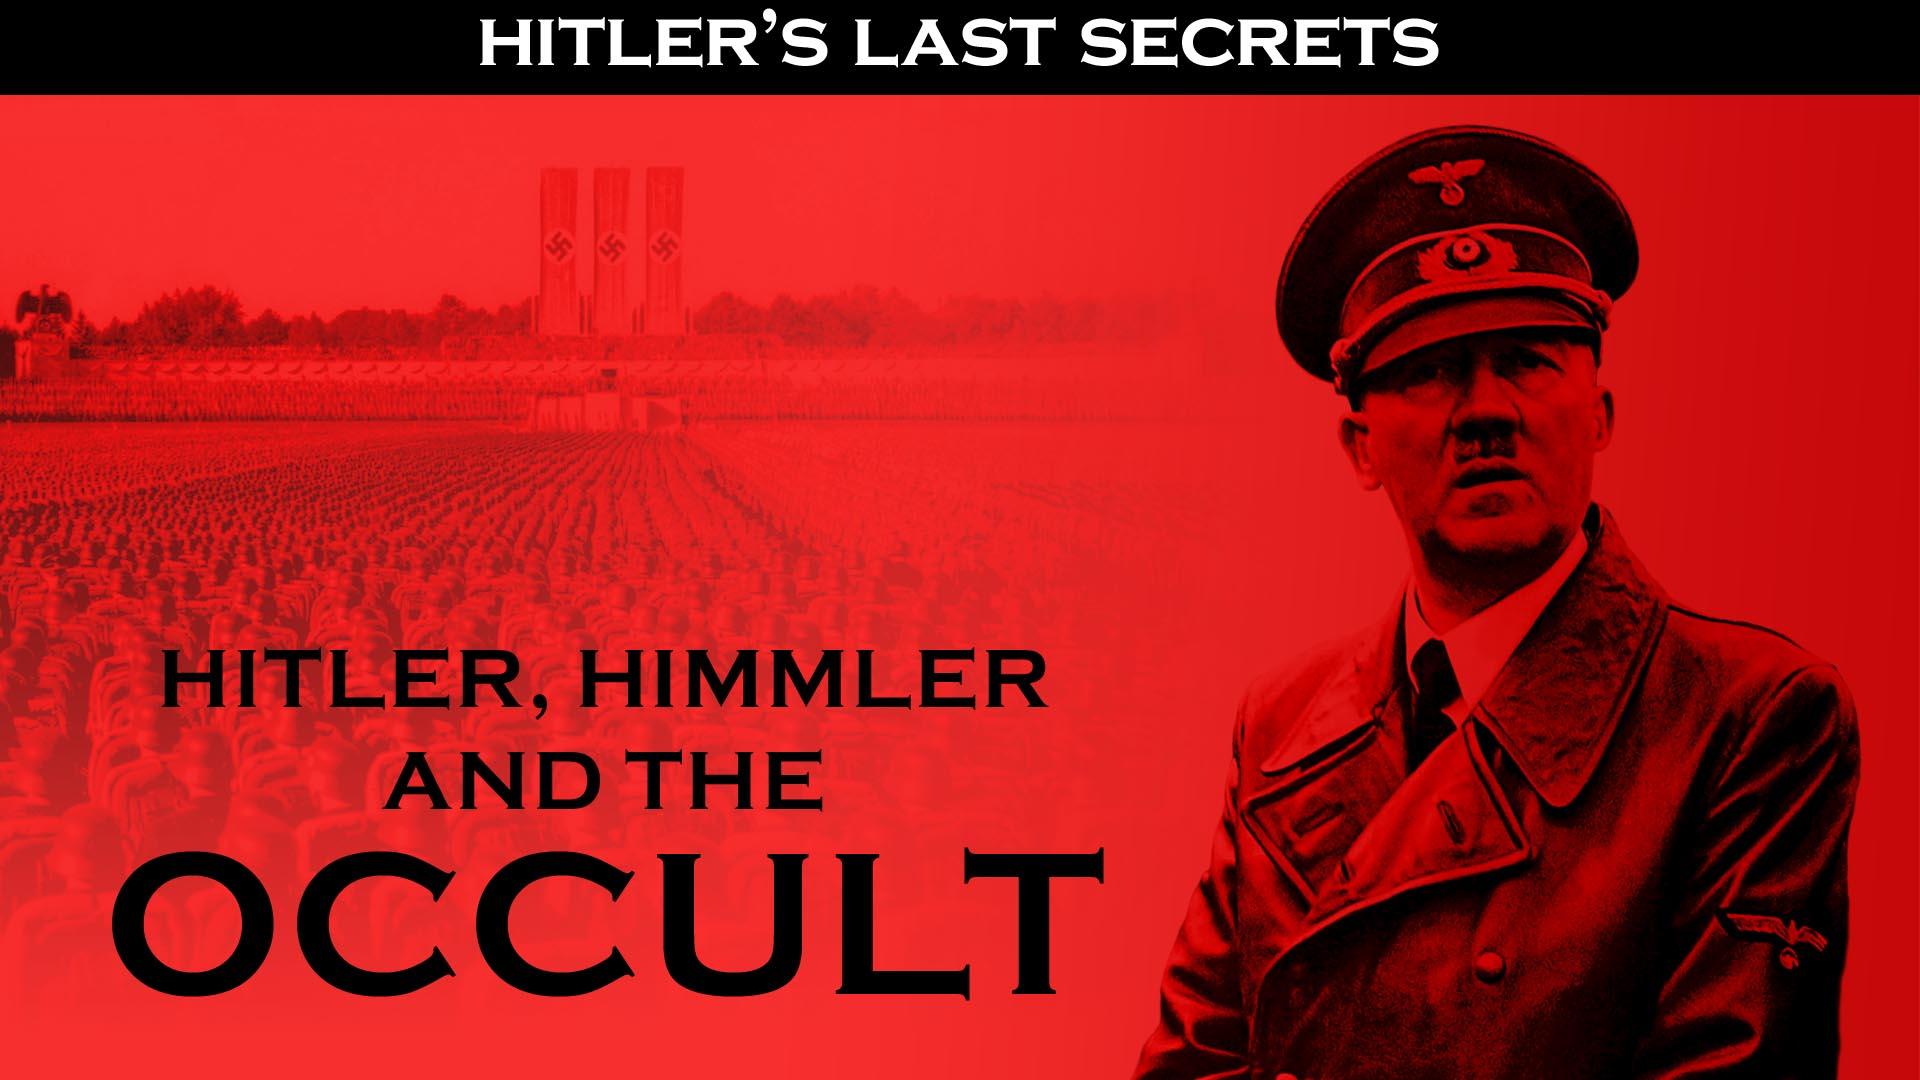 Hitler's Last Secrets: Hitler, Himmler, and the Occult